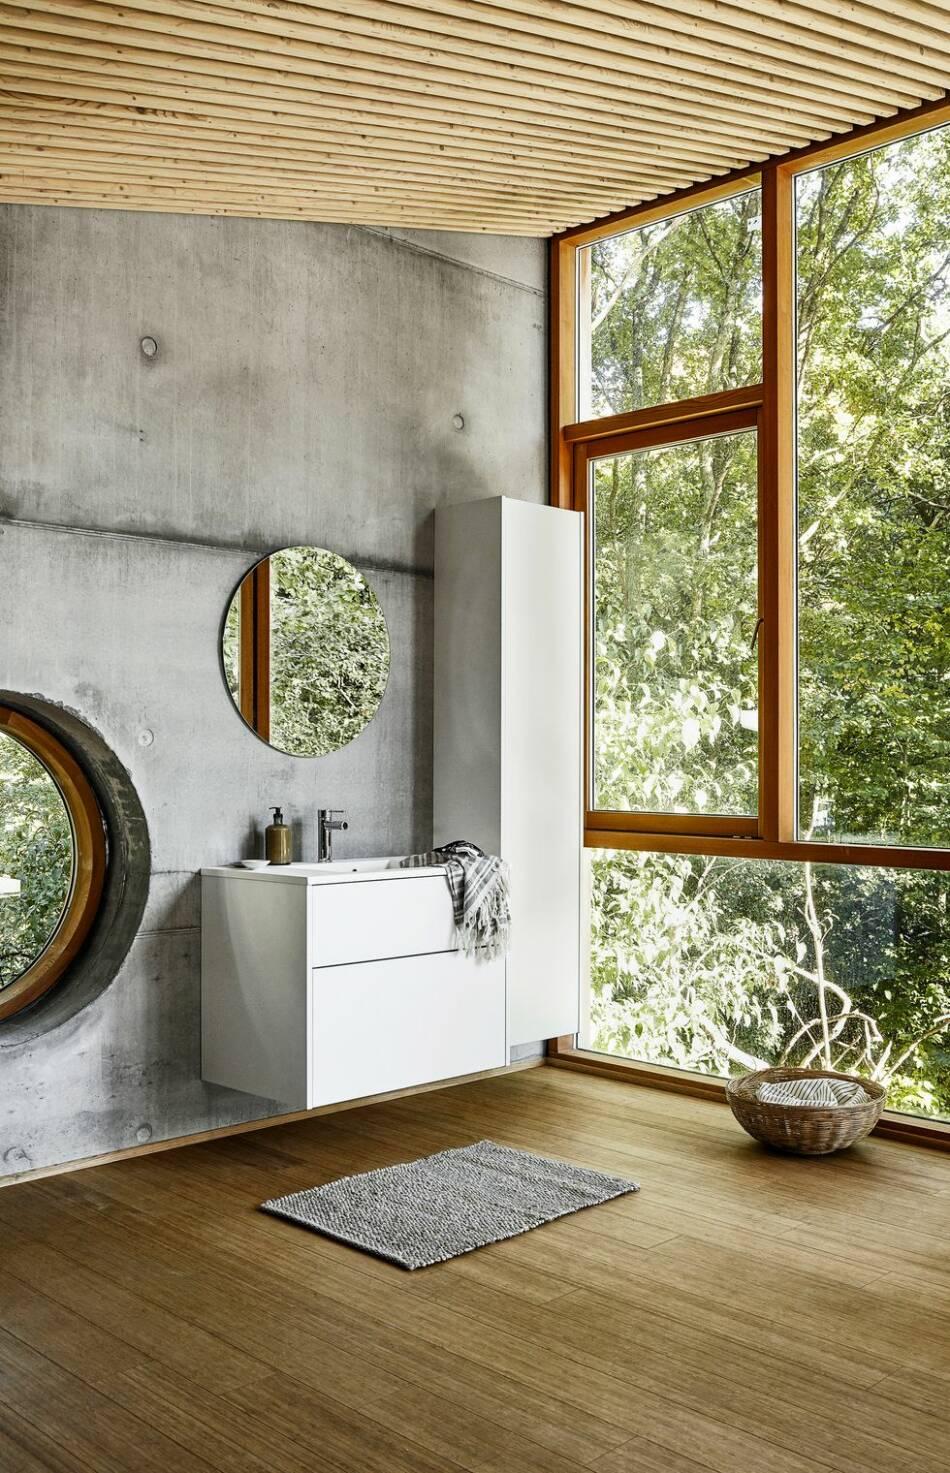 5 fina exempel på badrum med inredning i trä